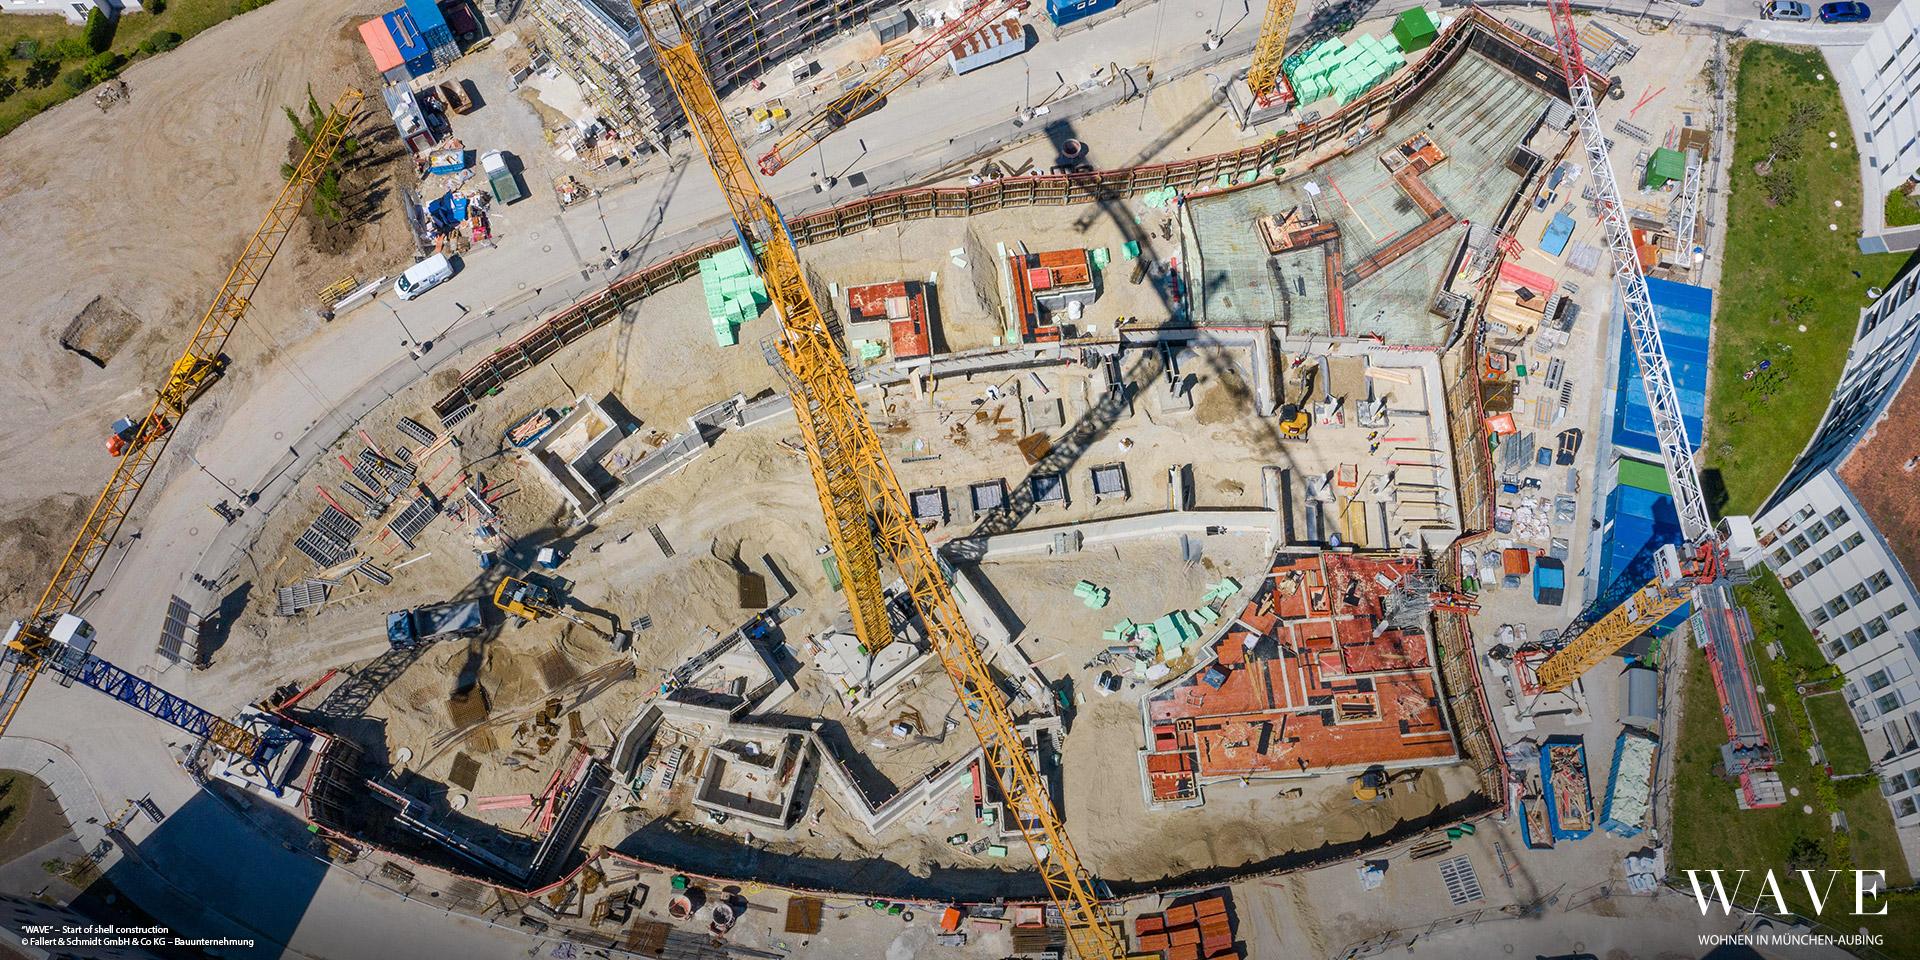 'WAVE' in Munich-Aubing: Start of structural work